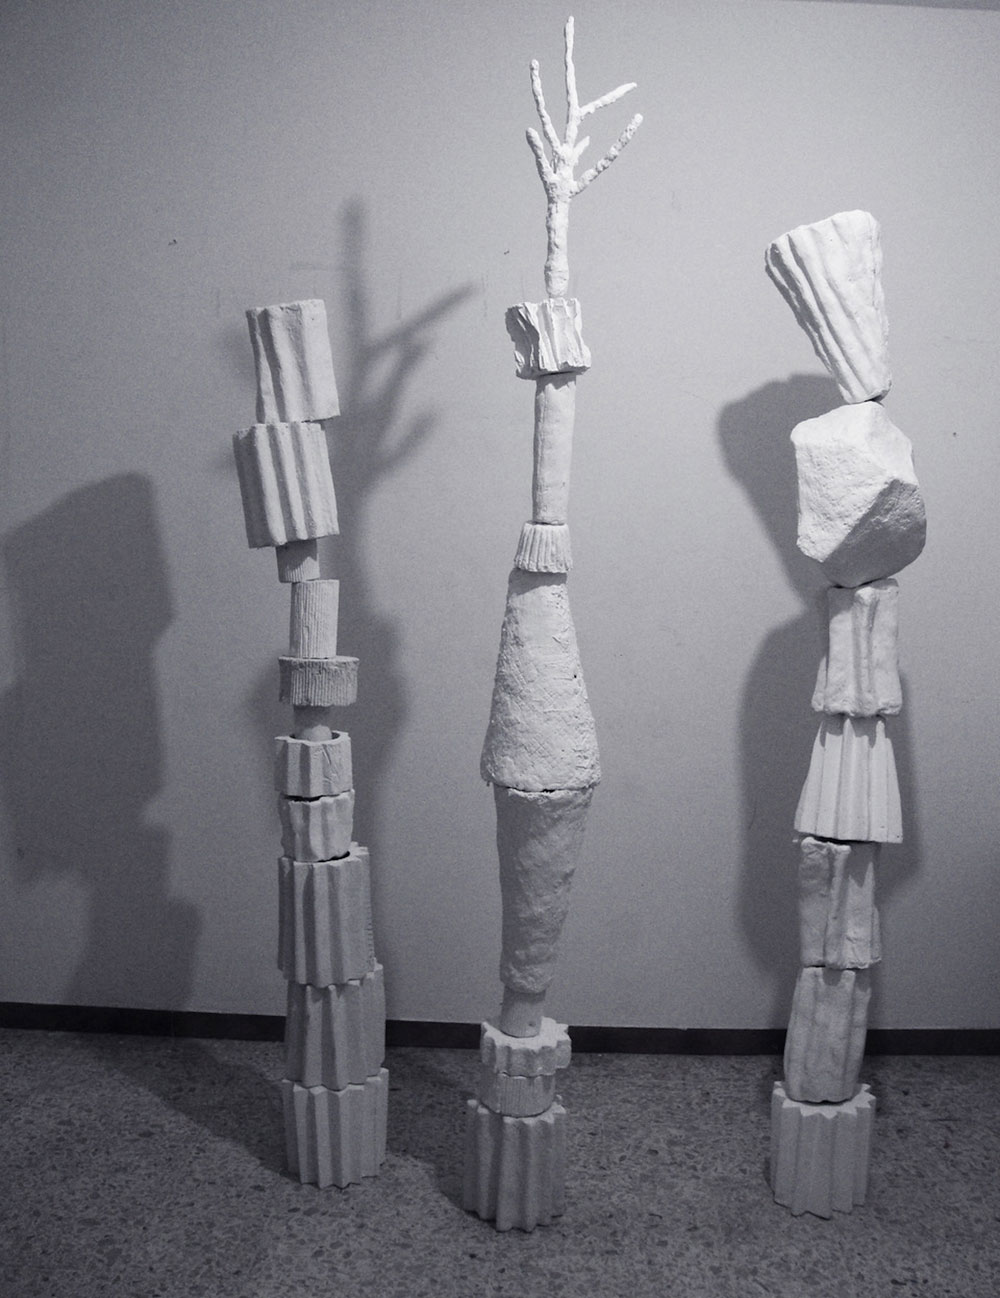 La Fondazione Plart presenta a Paratissima gli alberi-colonna antismog di Marcello Cinque